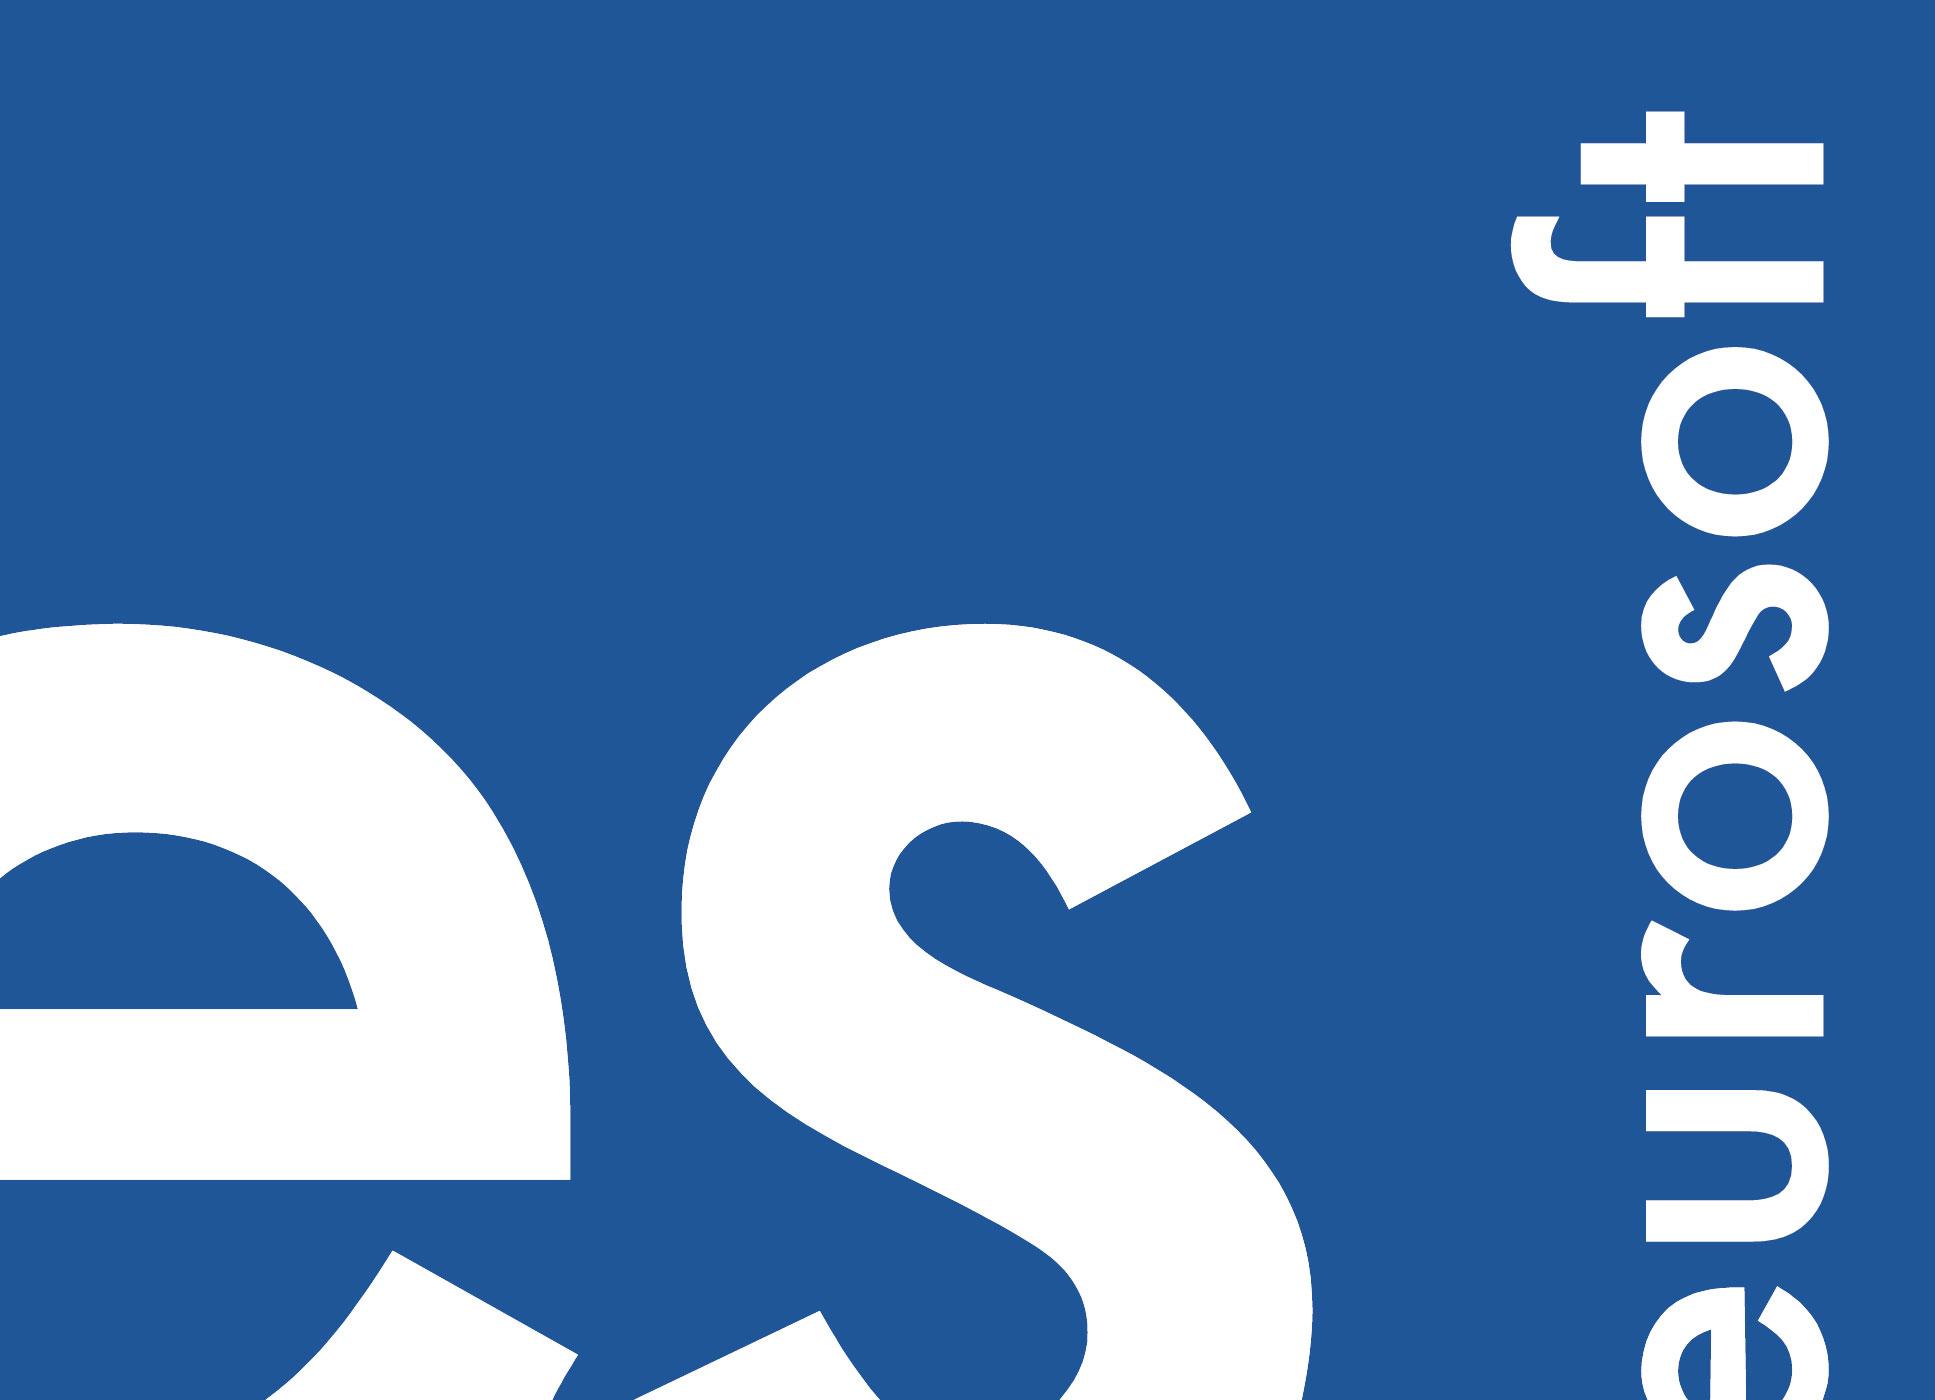 eurosoft Informationstechnologie GmbH